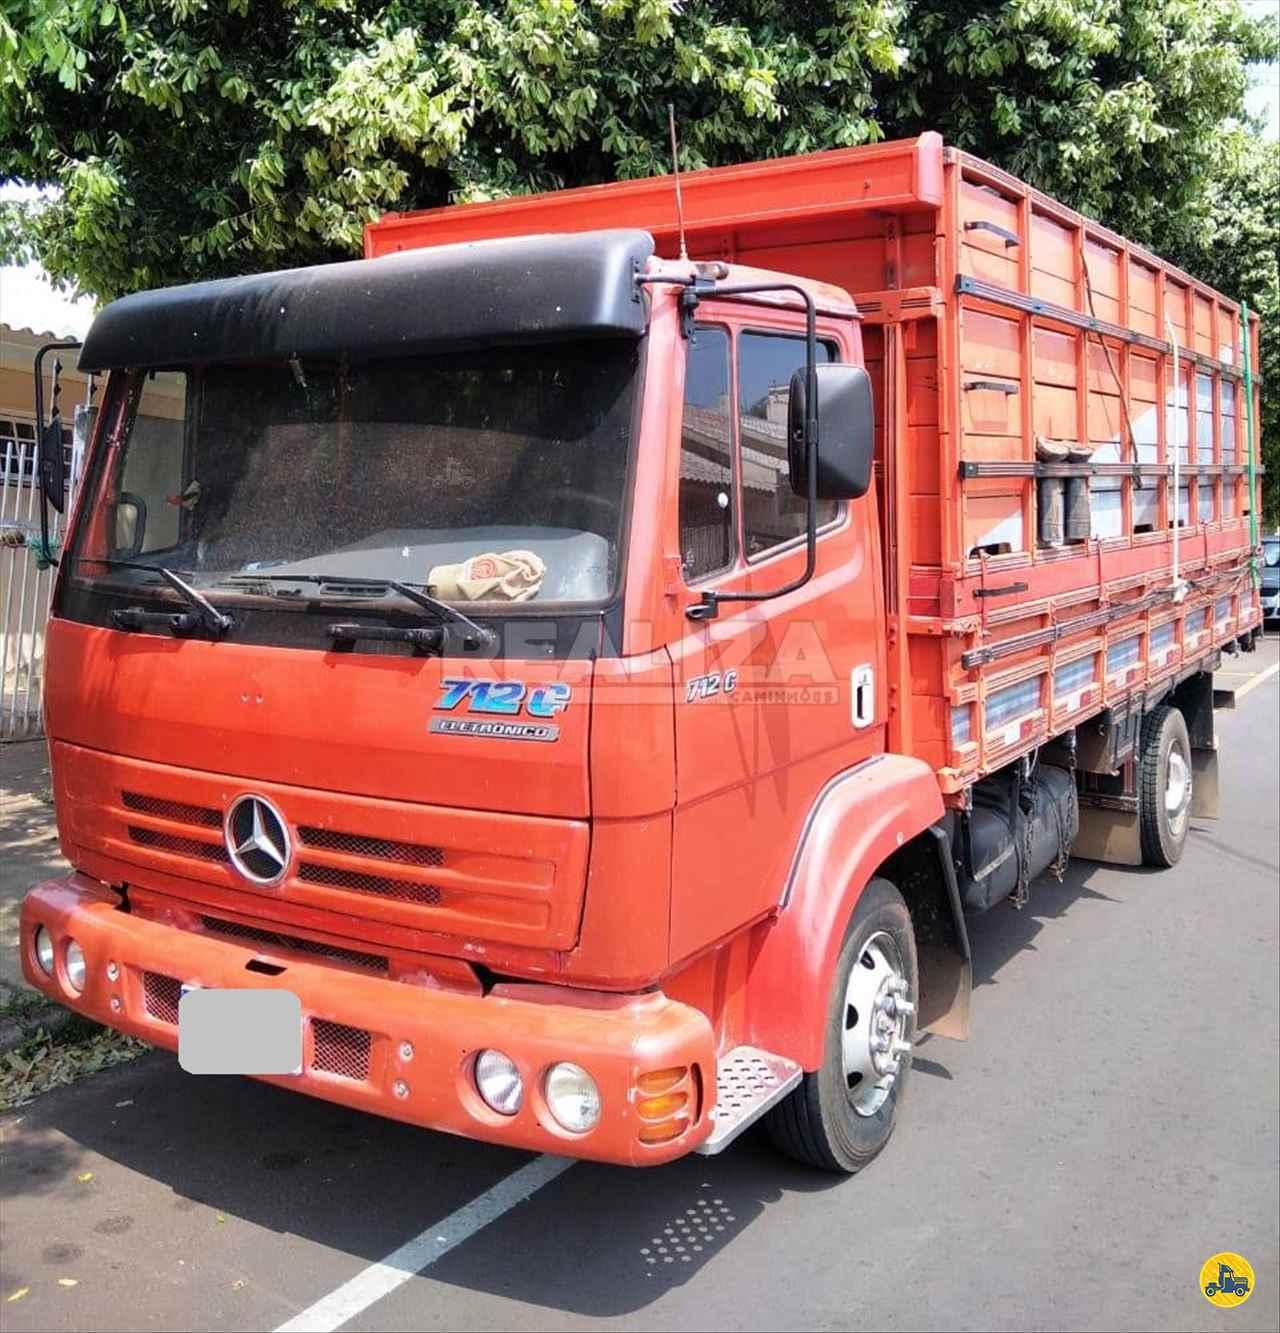 CAMINHAO MERCEDES-BENZ MB 712 Boiadeiro Toco 4x2 Realiza Caminhões - Umuarama UMUARAMA PARANÁ PR